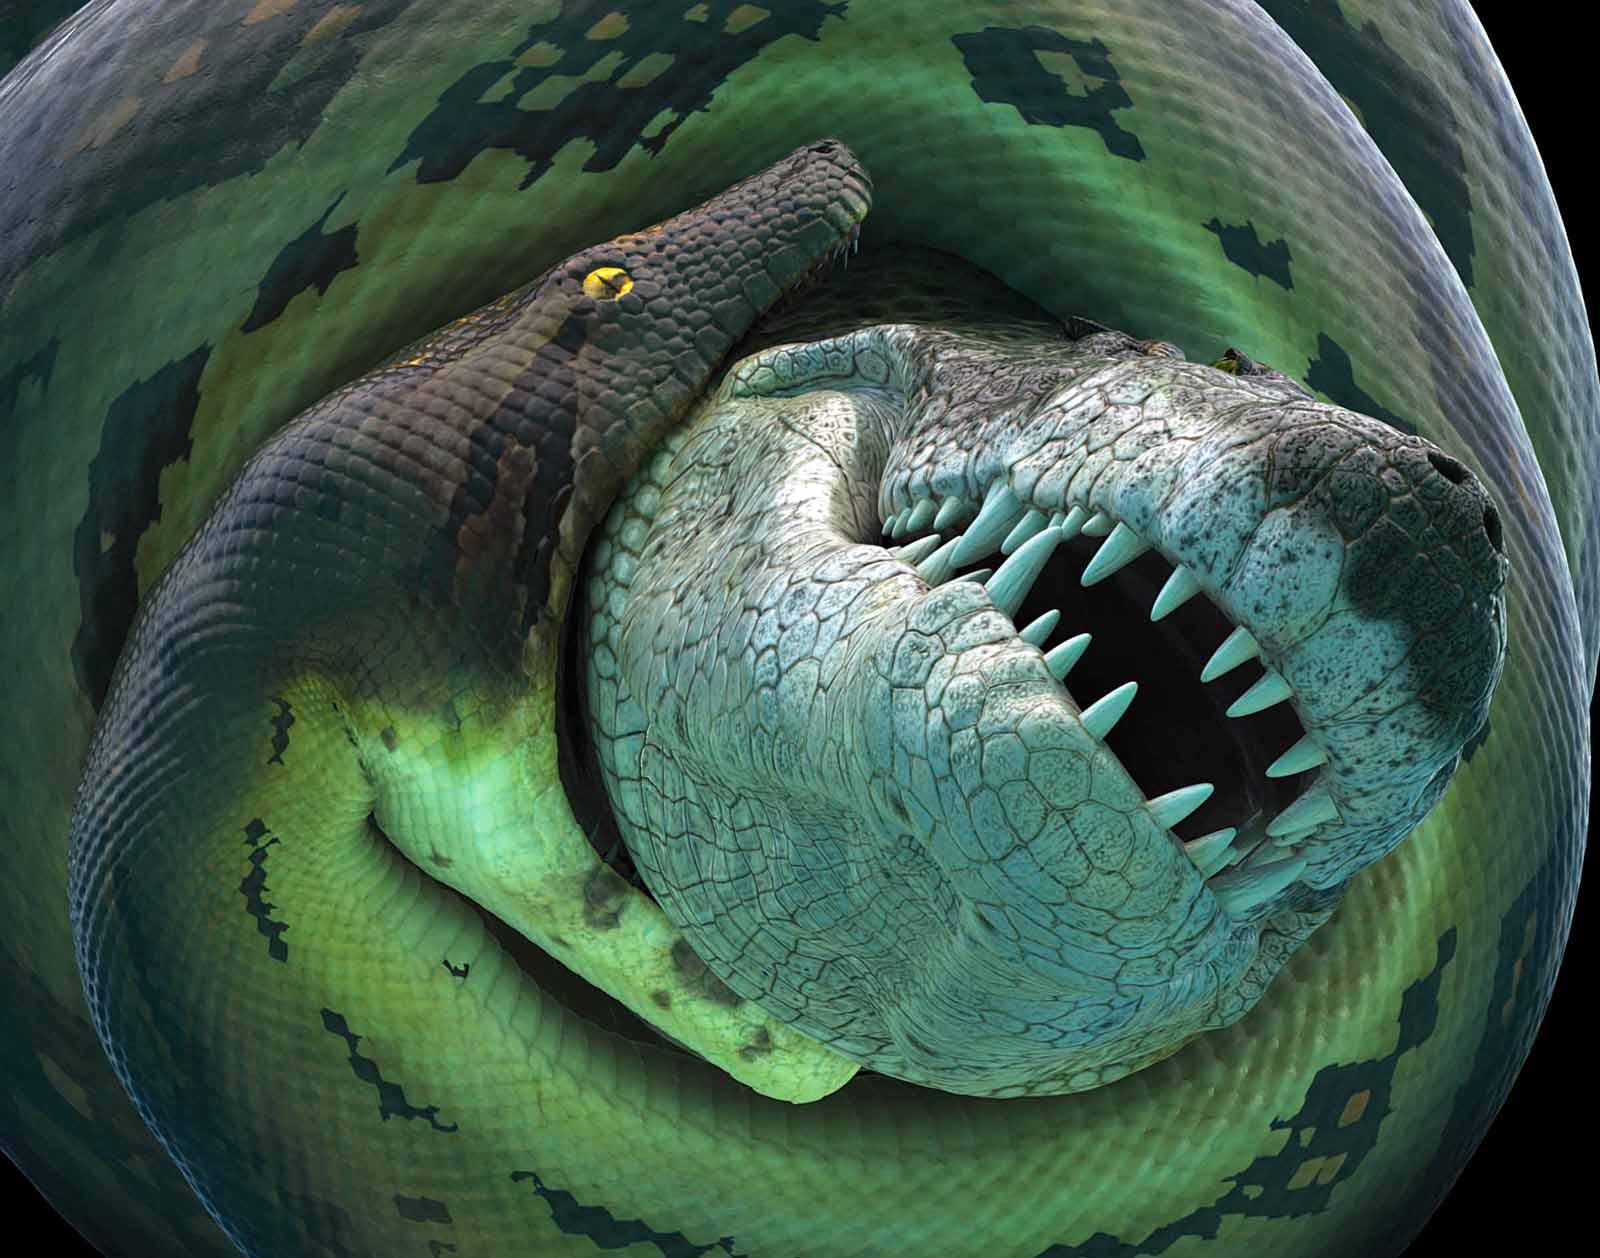 titanoboa devorando cocodrilo